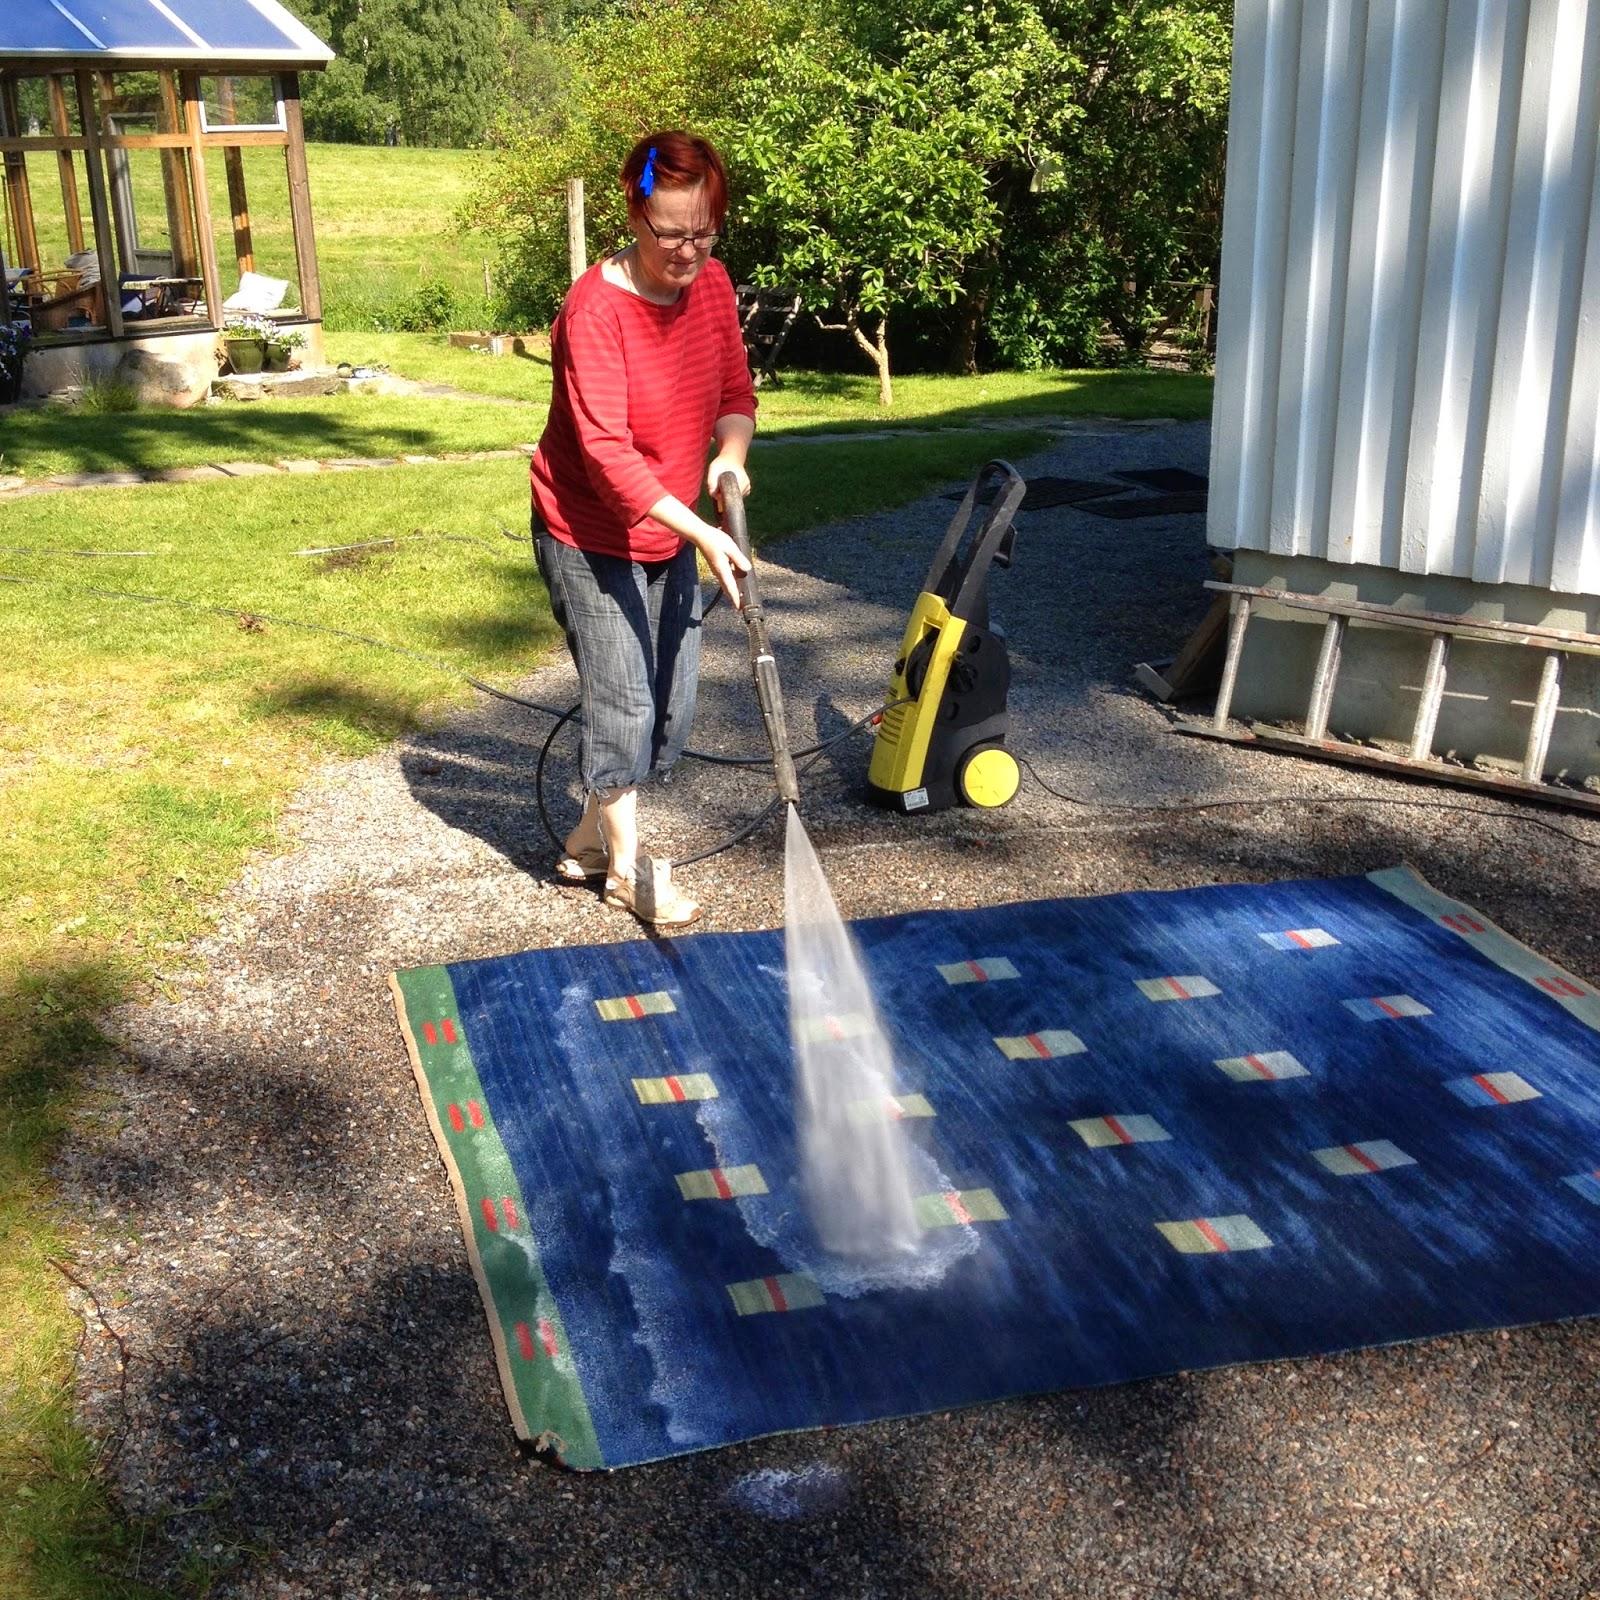 Tvätta matta högtryckstvätt